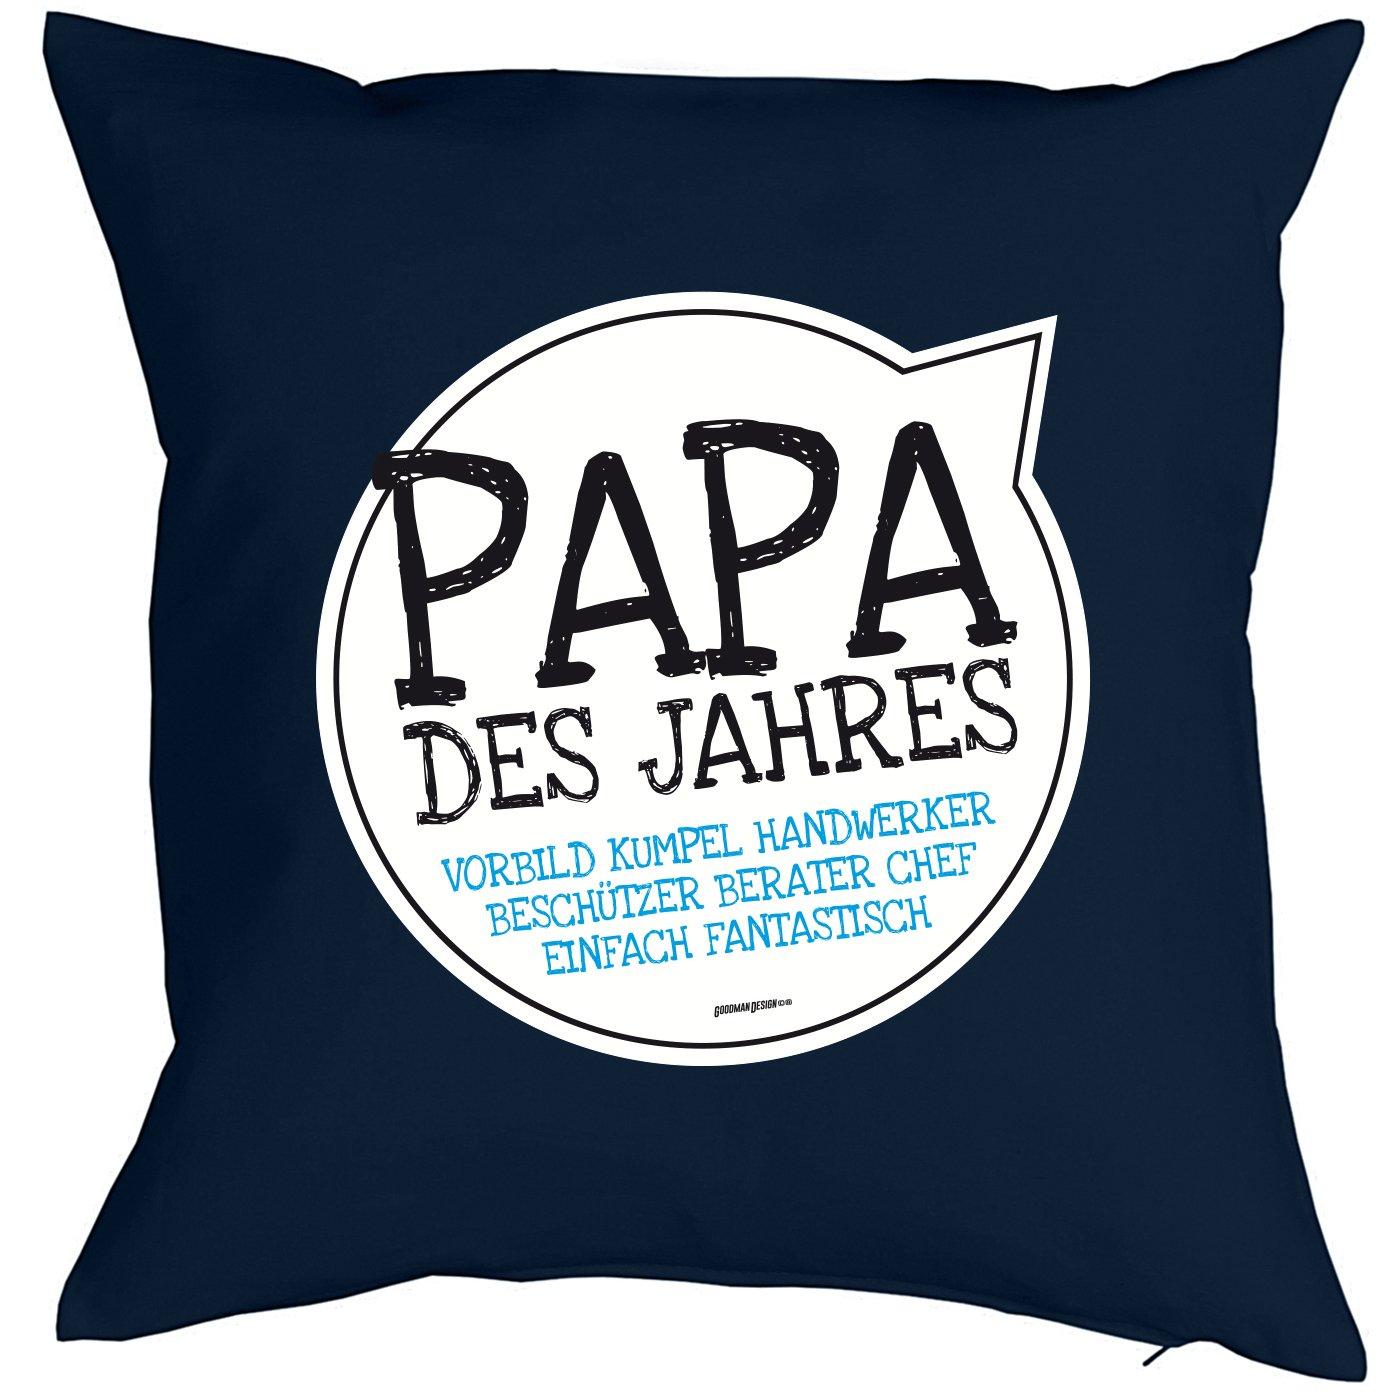 Geschenk f/ür Papa zum Vatertag Kissen mit F/üllung und Urkunde Papa des Jahres Vorbild/… Kissen f/ür V/äter cooles Weihnachten Geburtstag